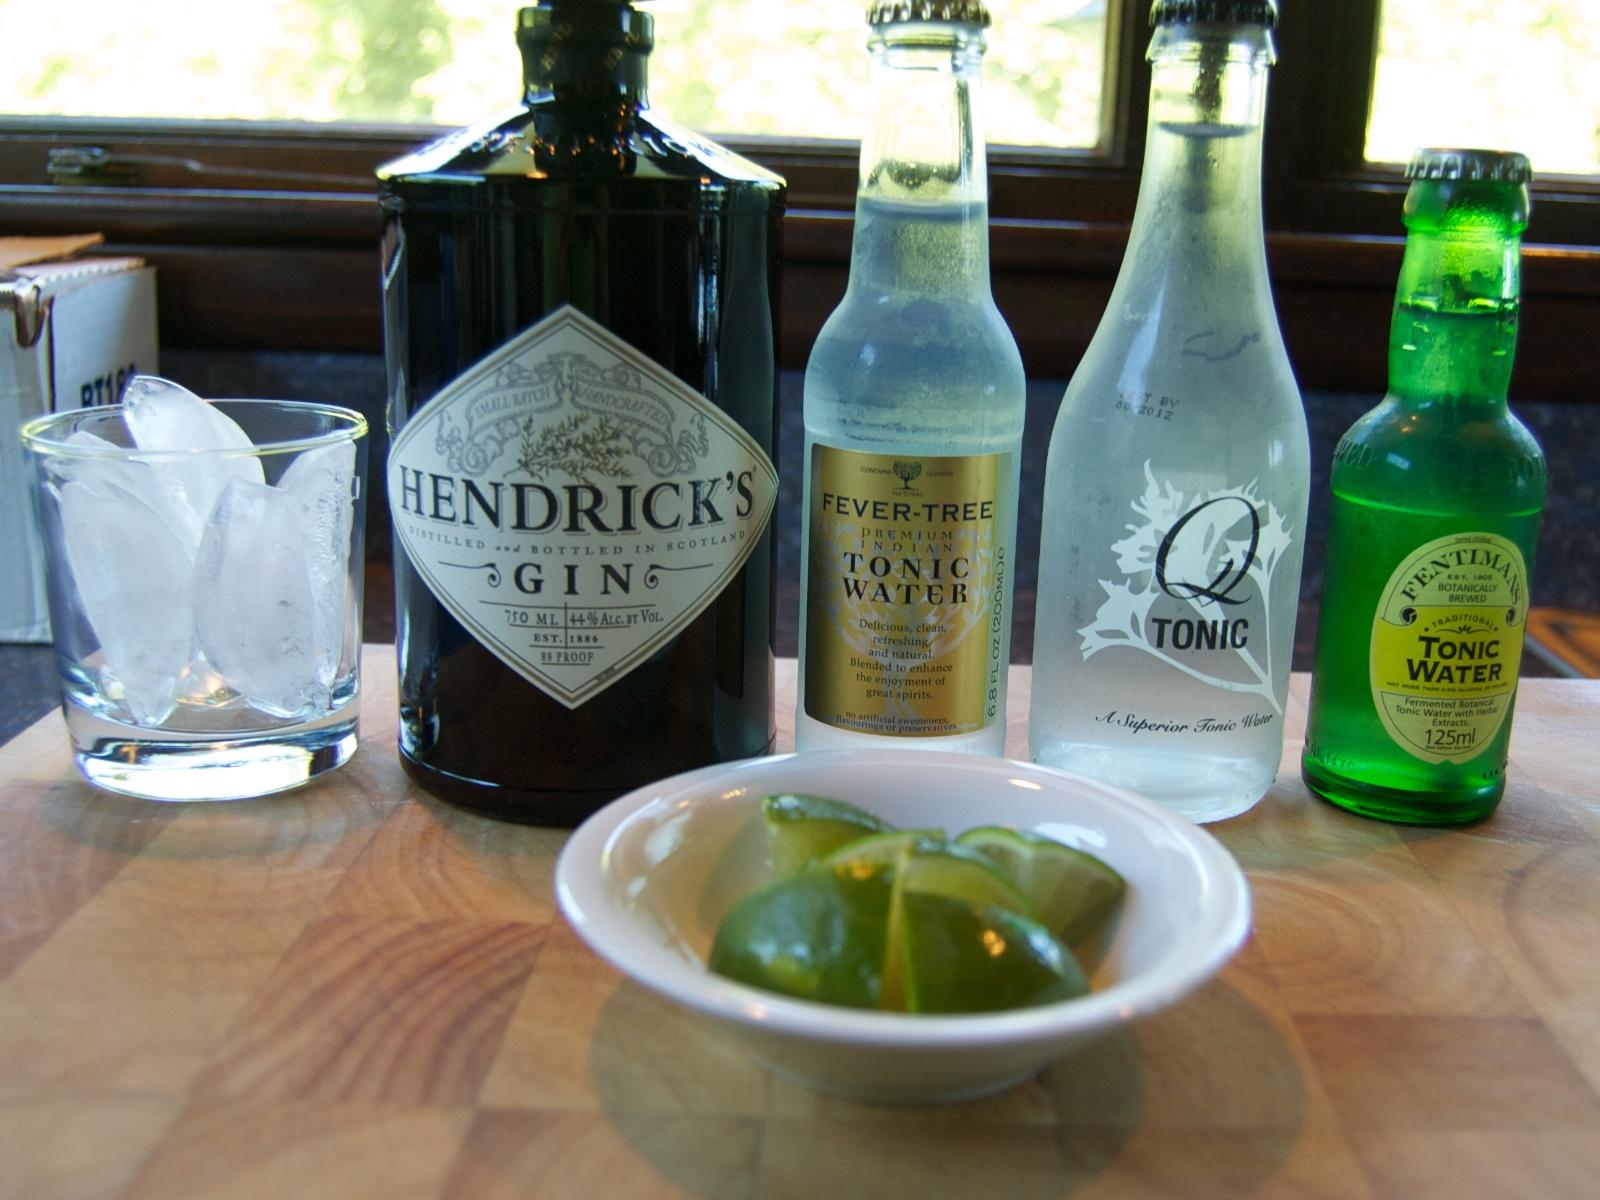 http://blog.rickk.com/food/2011/07/09/ginandtonic1.jpg